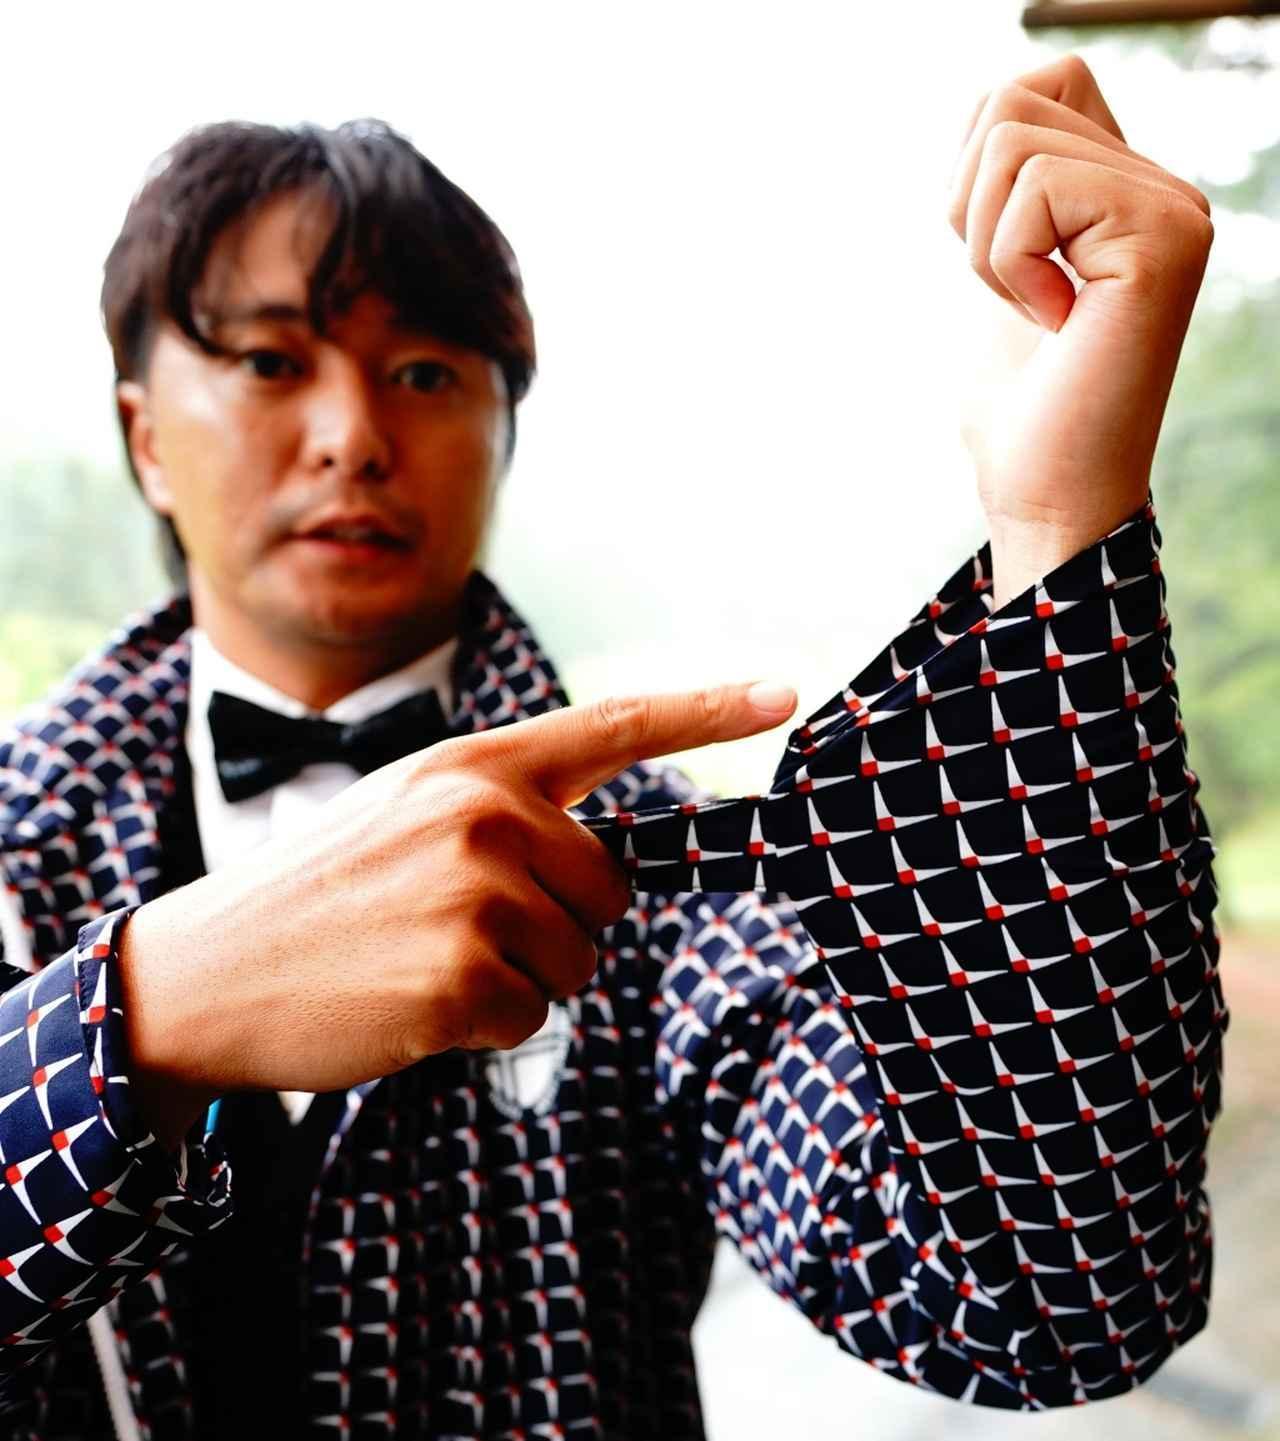 画像: 通常は袖口を絞るとダブついた袖がグリップの邪魔になるが斜めカットでスッキリ